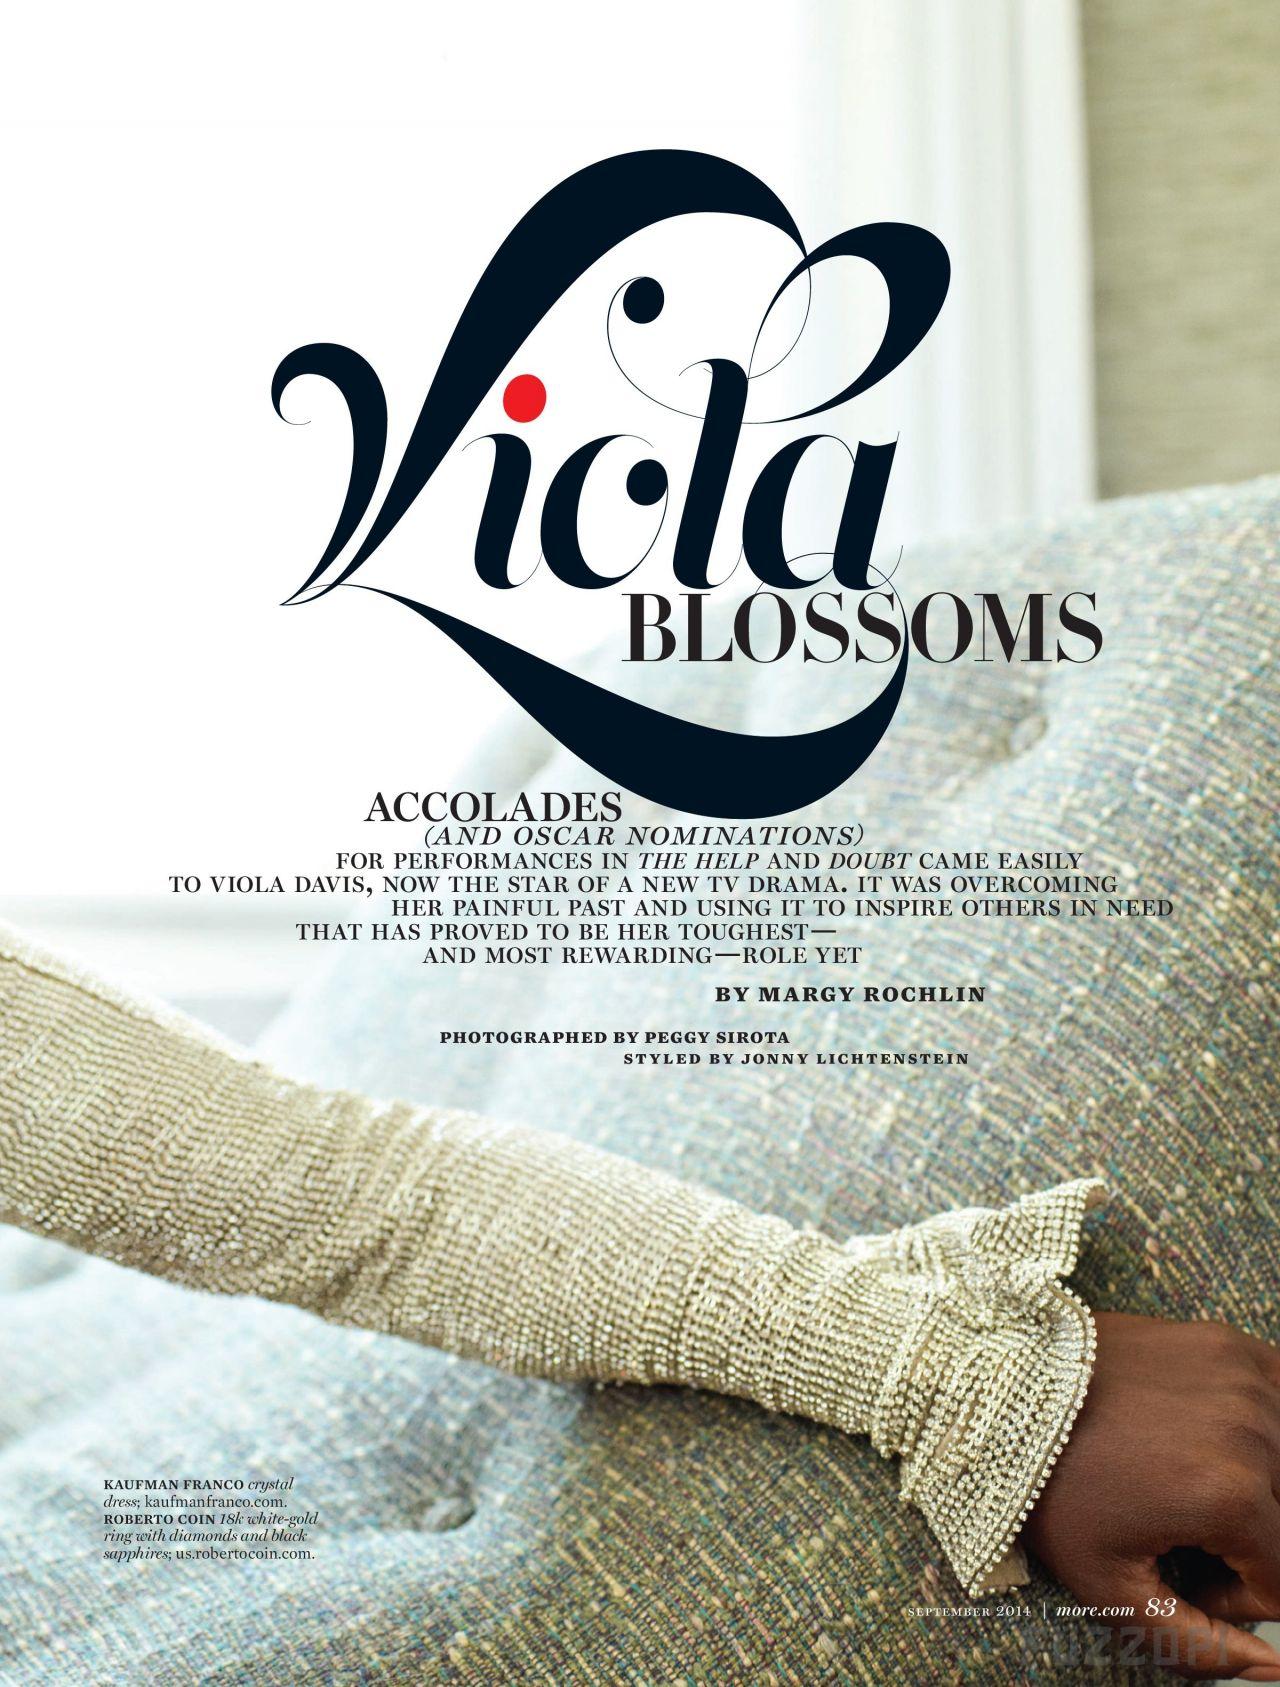 More Magazine November 2014 Issue: September 2014 Issue